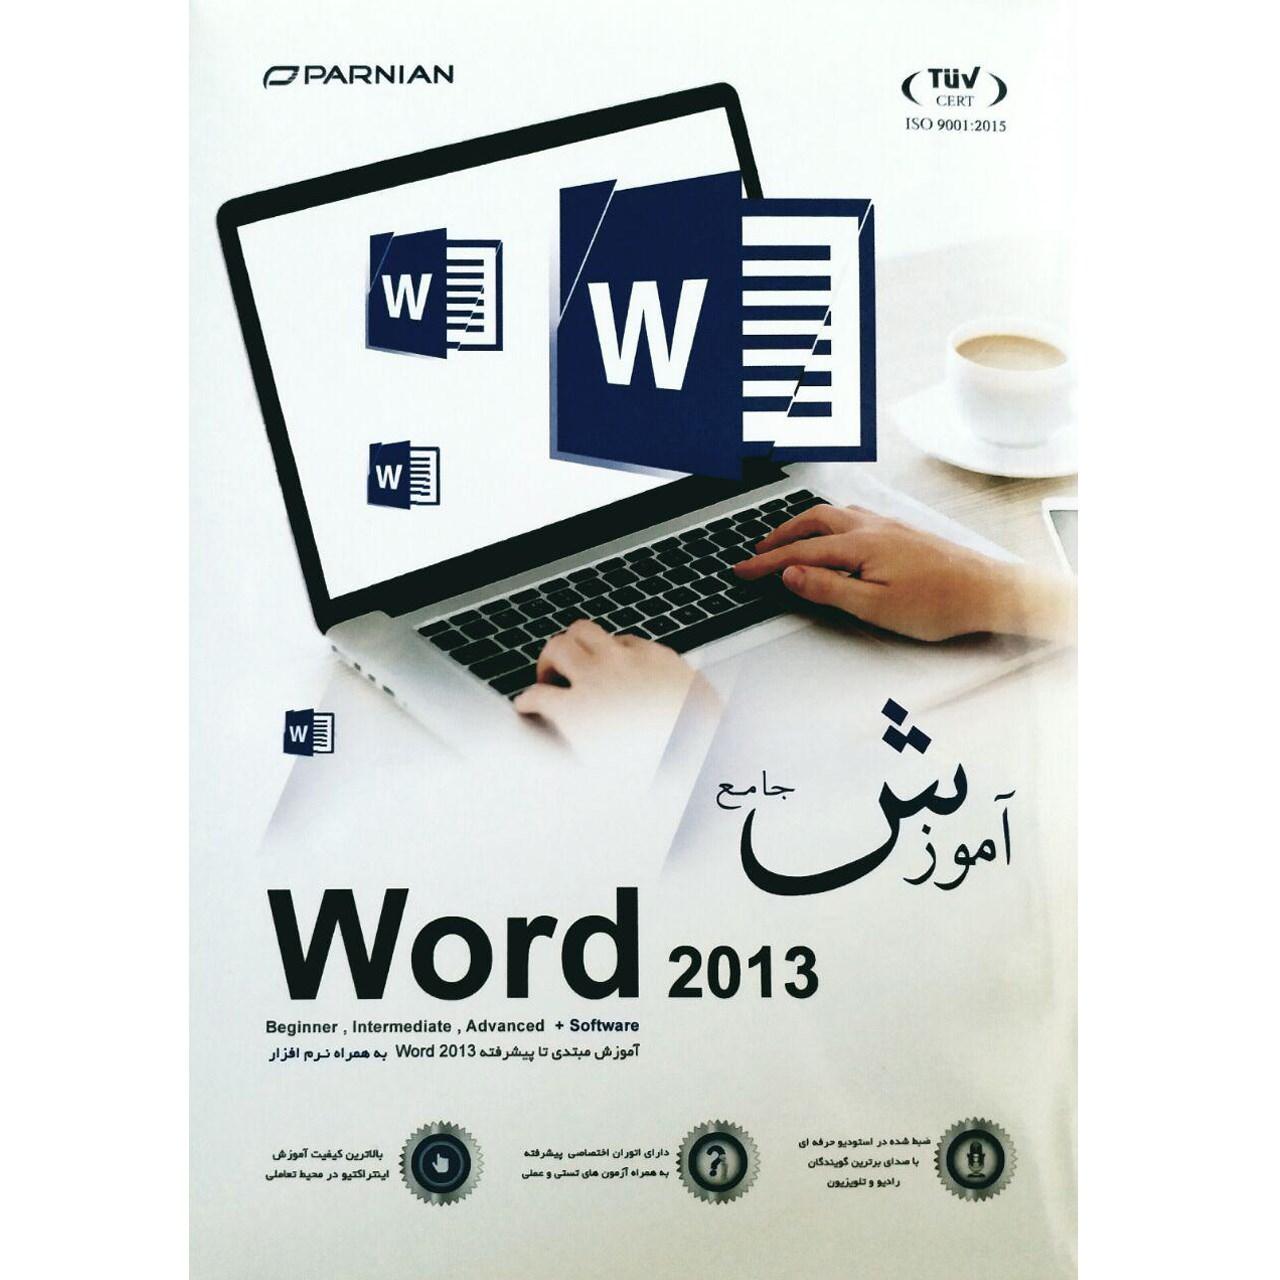 نرم افزار آموزش ورد 2013 نشر پرنیان